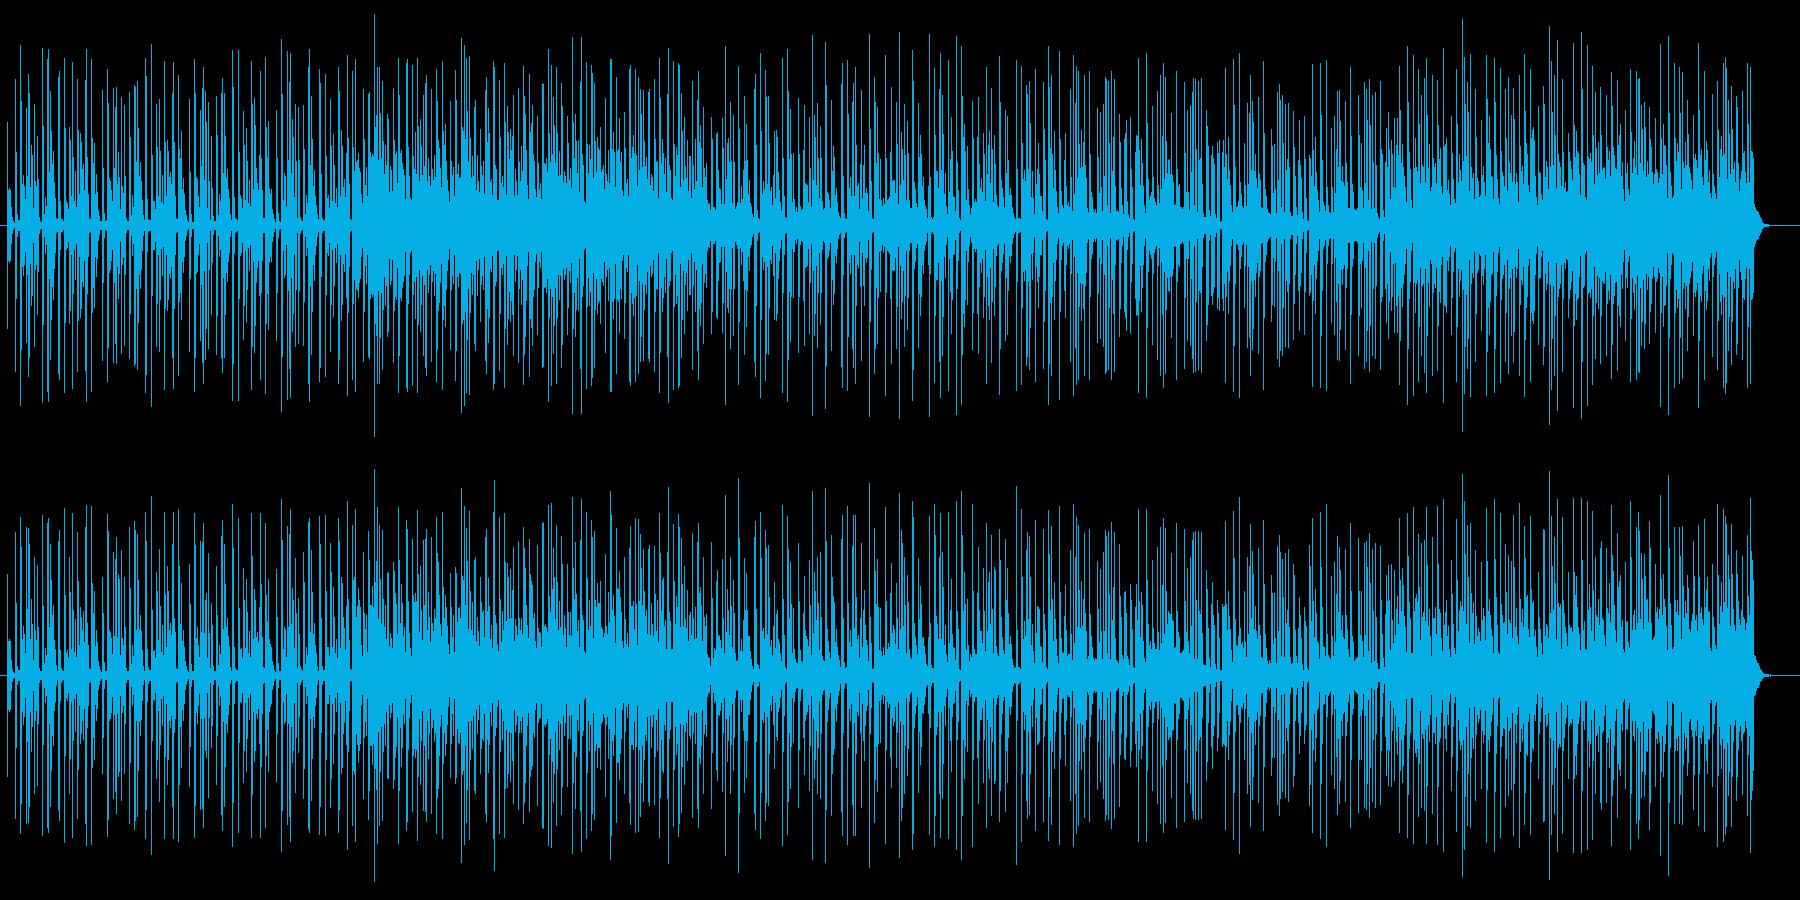 近未来的なエレクトロポップサウンドの再生済みの波形